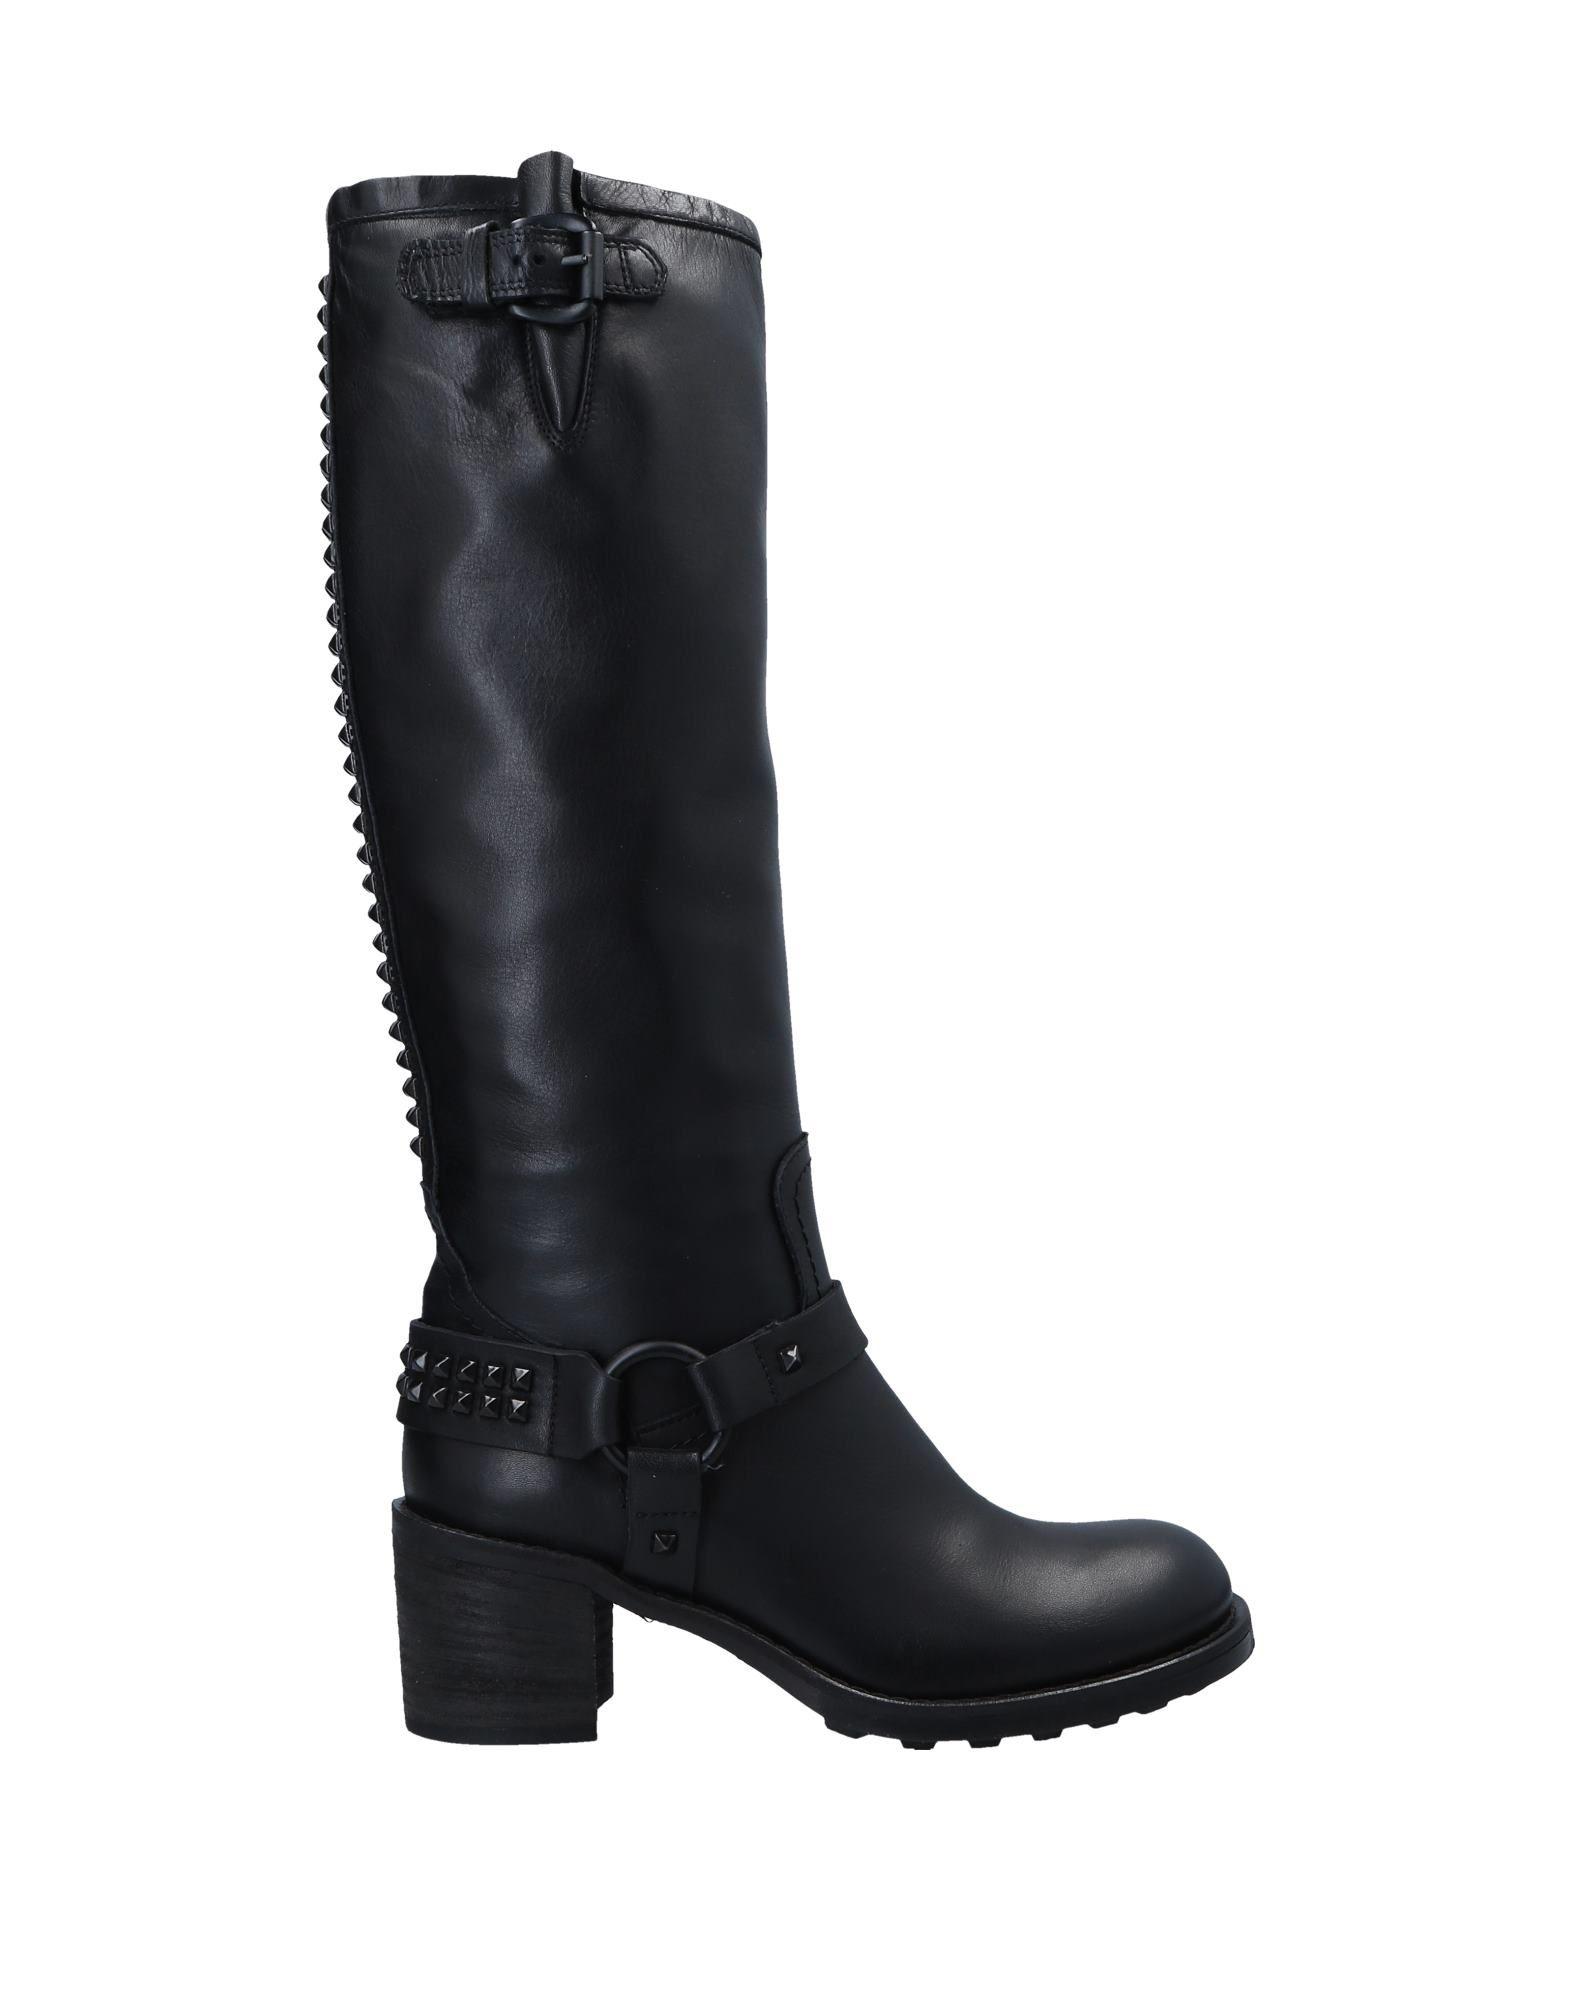 Jfk Boots - Canada Women Jfk Boots online on  Canada - - 11546427NN 7f0f5d